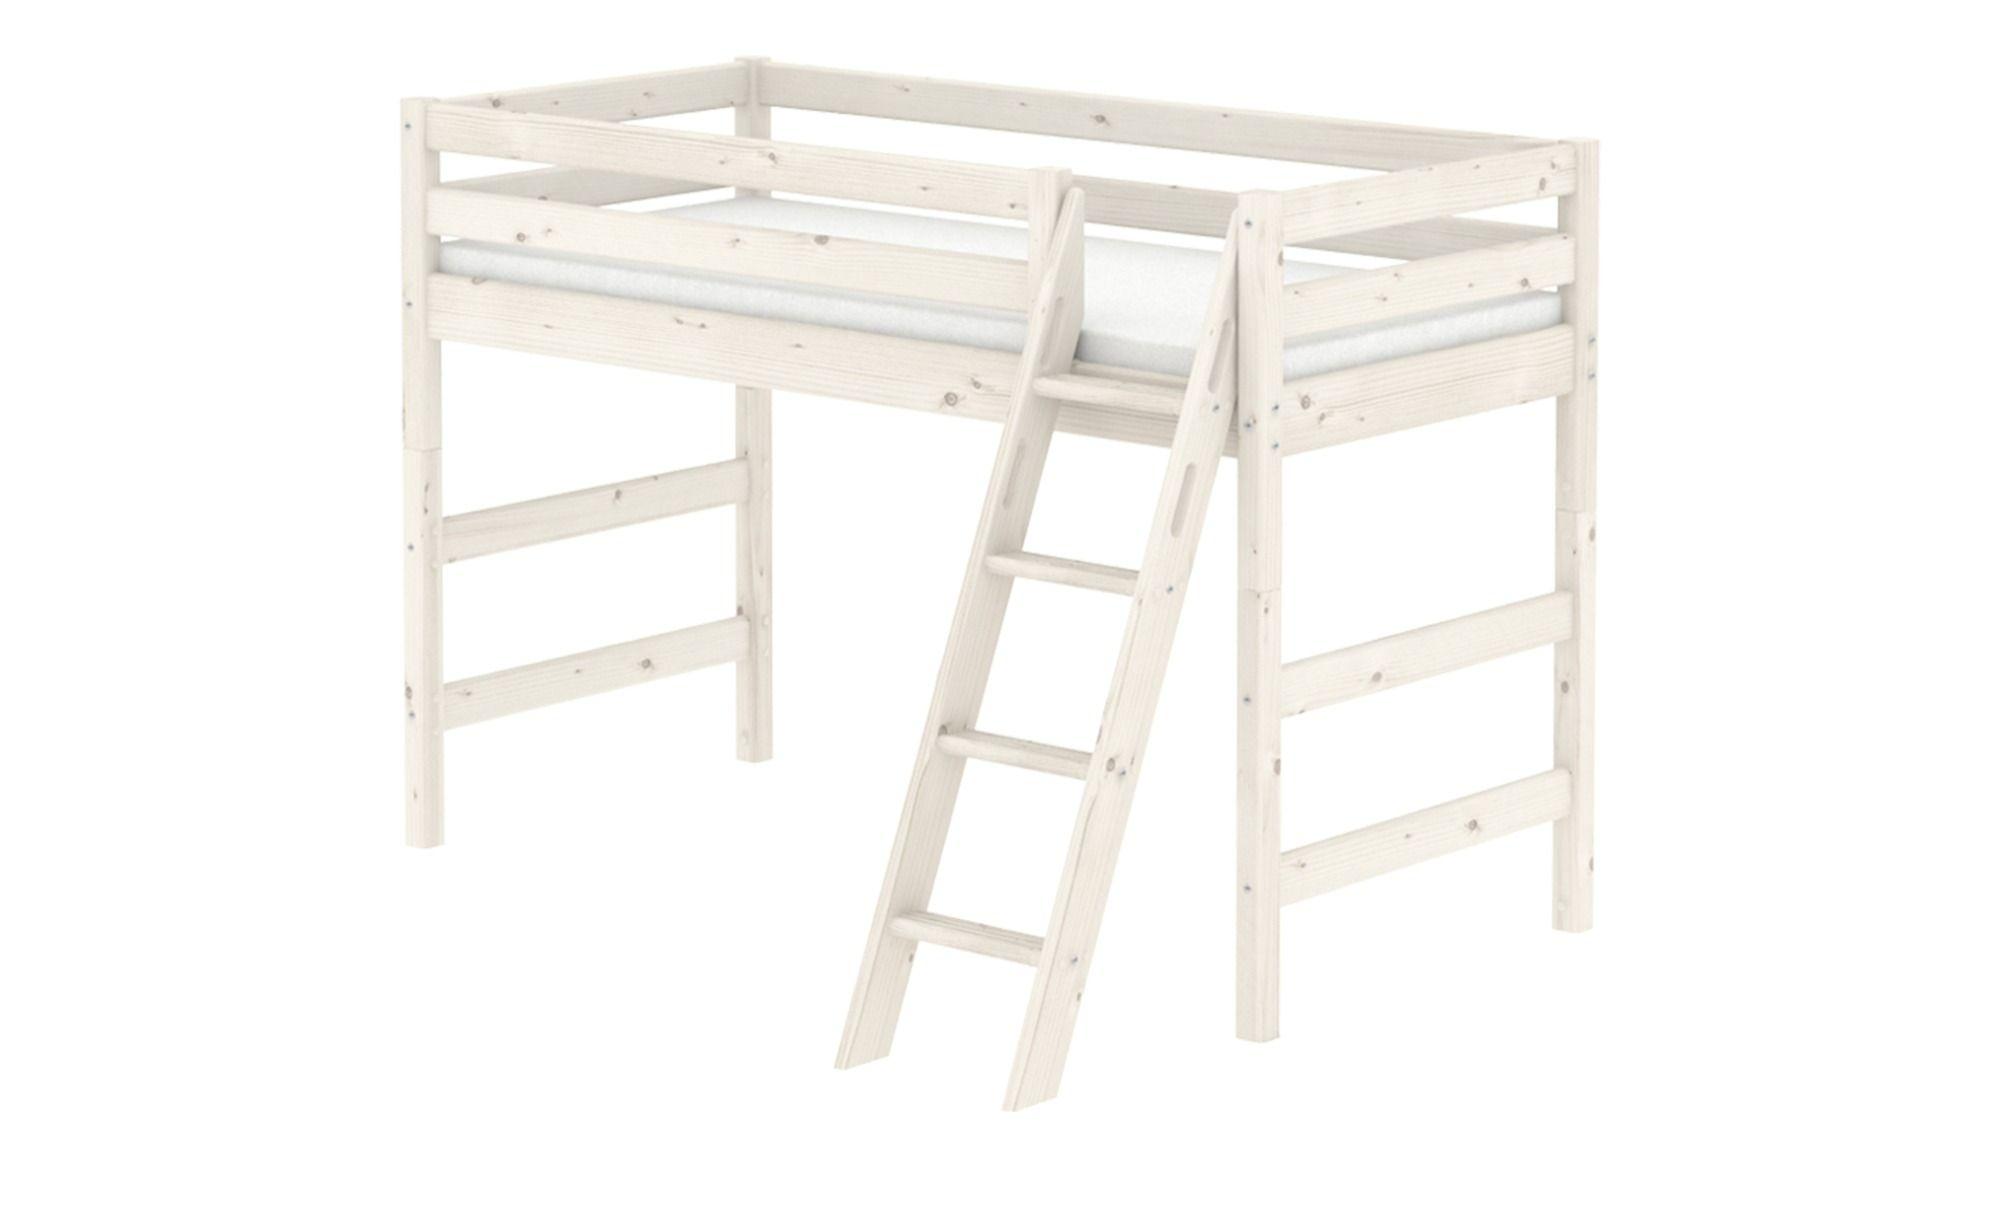 Flexa Mittelhohes Bett 90x200 Holz Flexa Classic Kinderbett